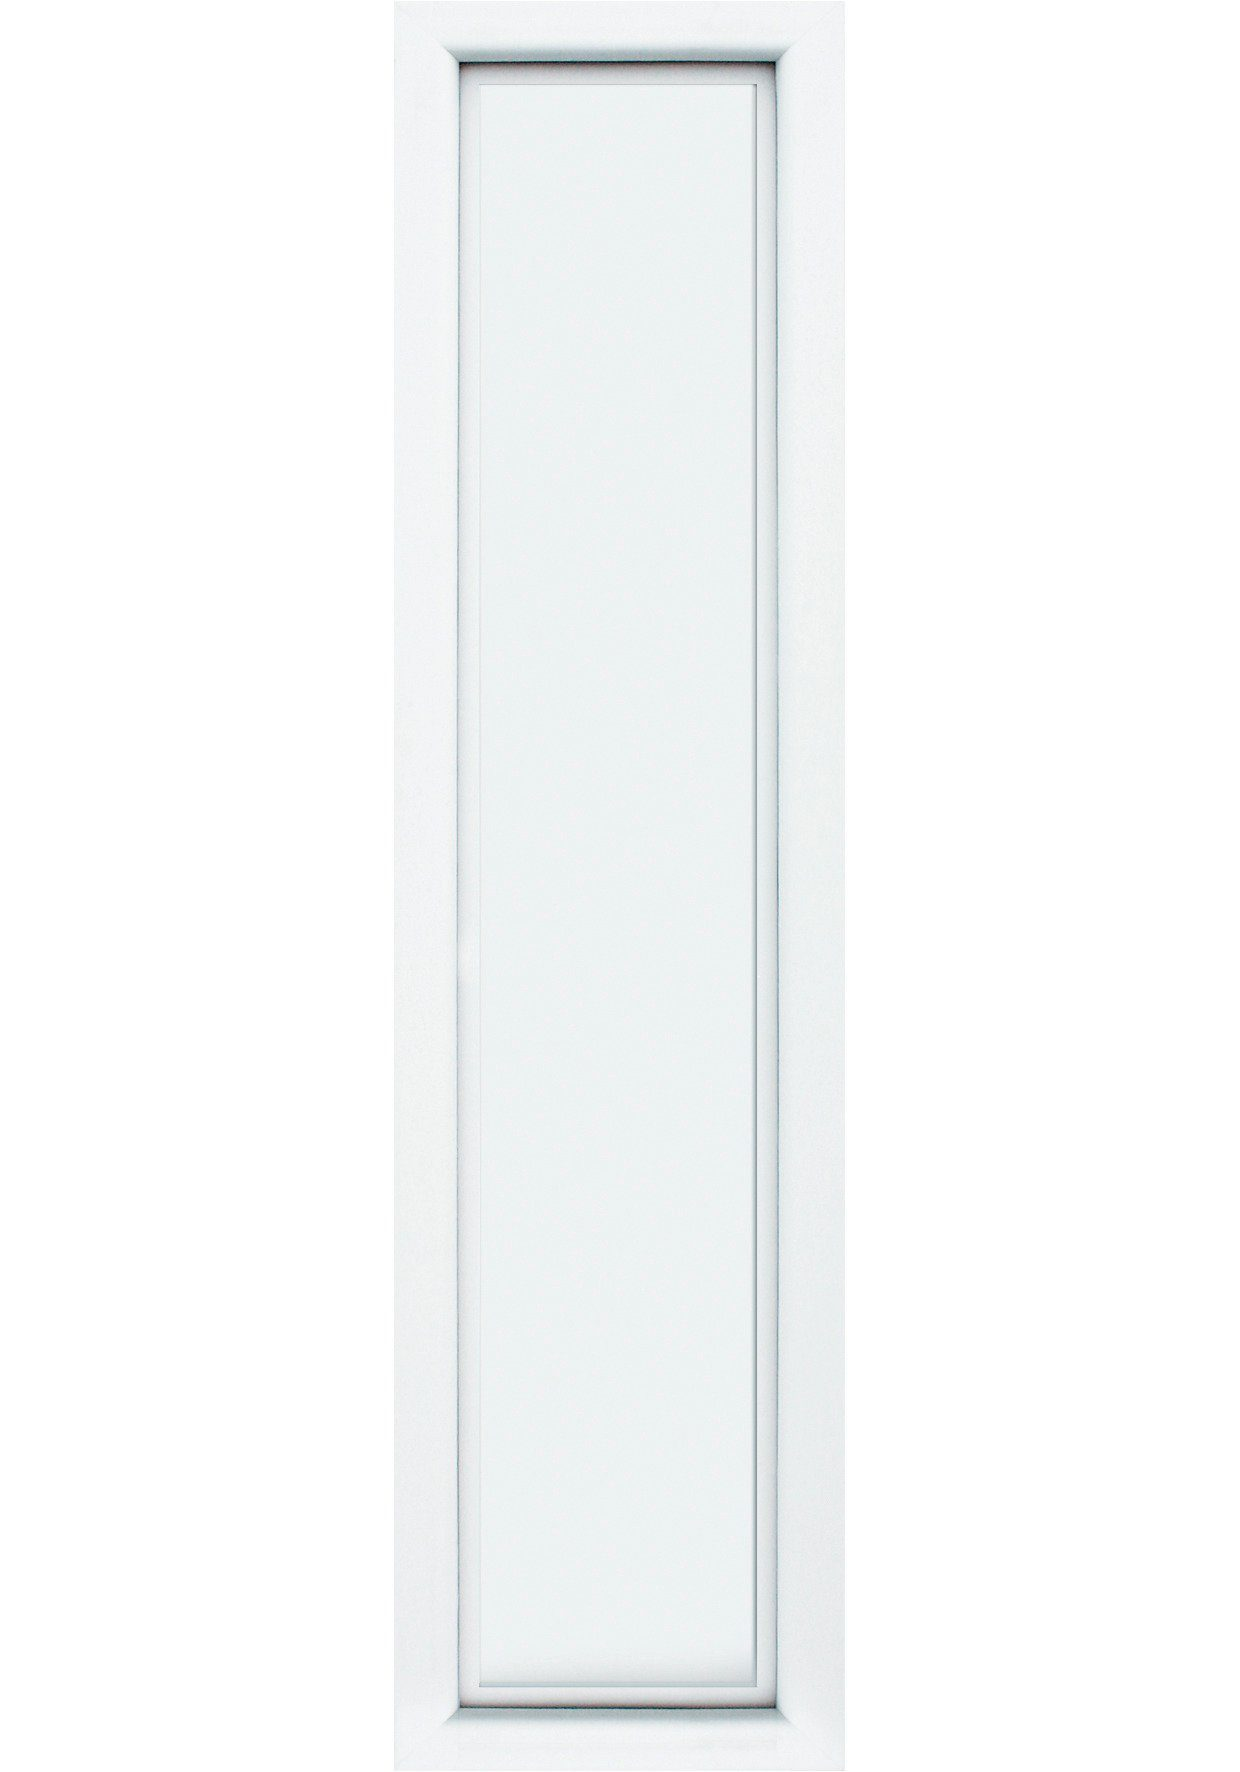 KM MEETH ZAUN GMBH Seitenteile »S04«, für Alu-Haustür, BxH: 50x208 cm, weiß